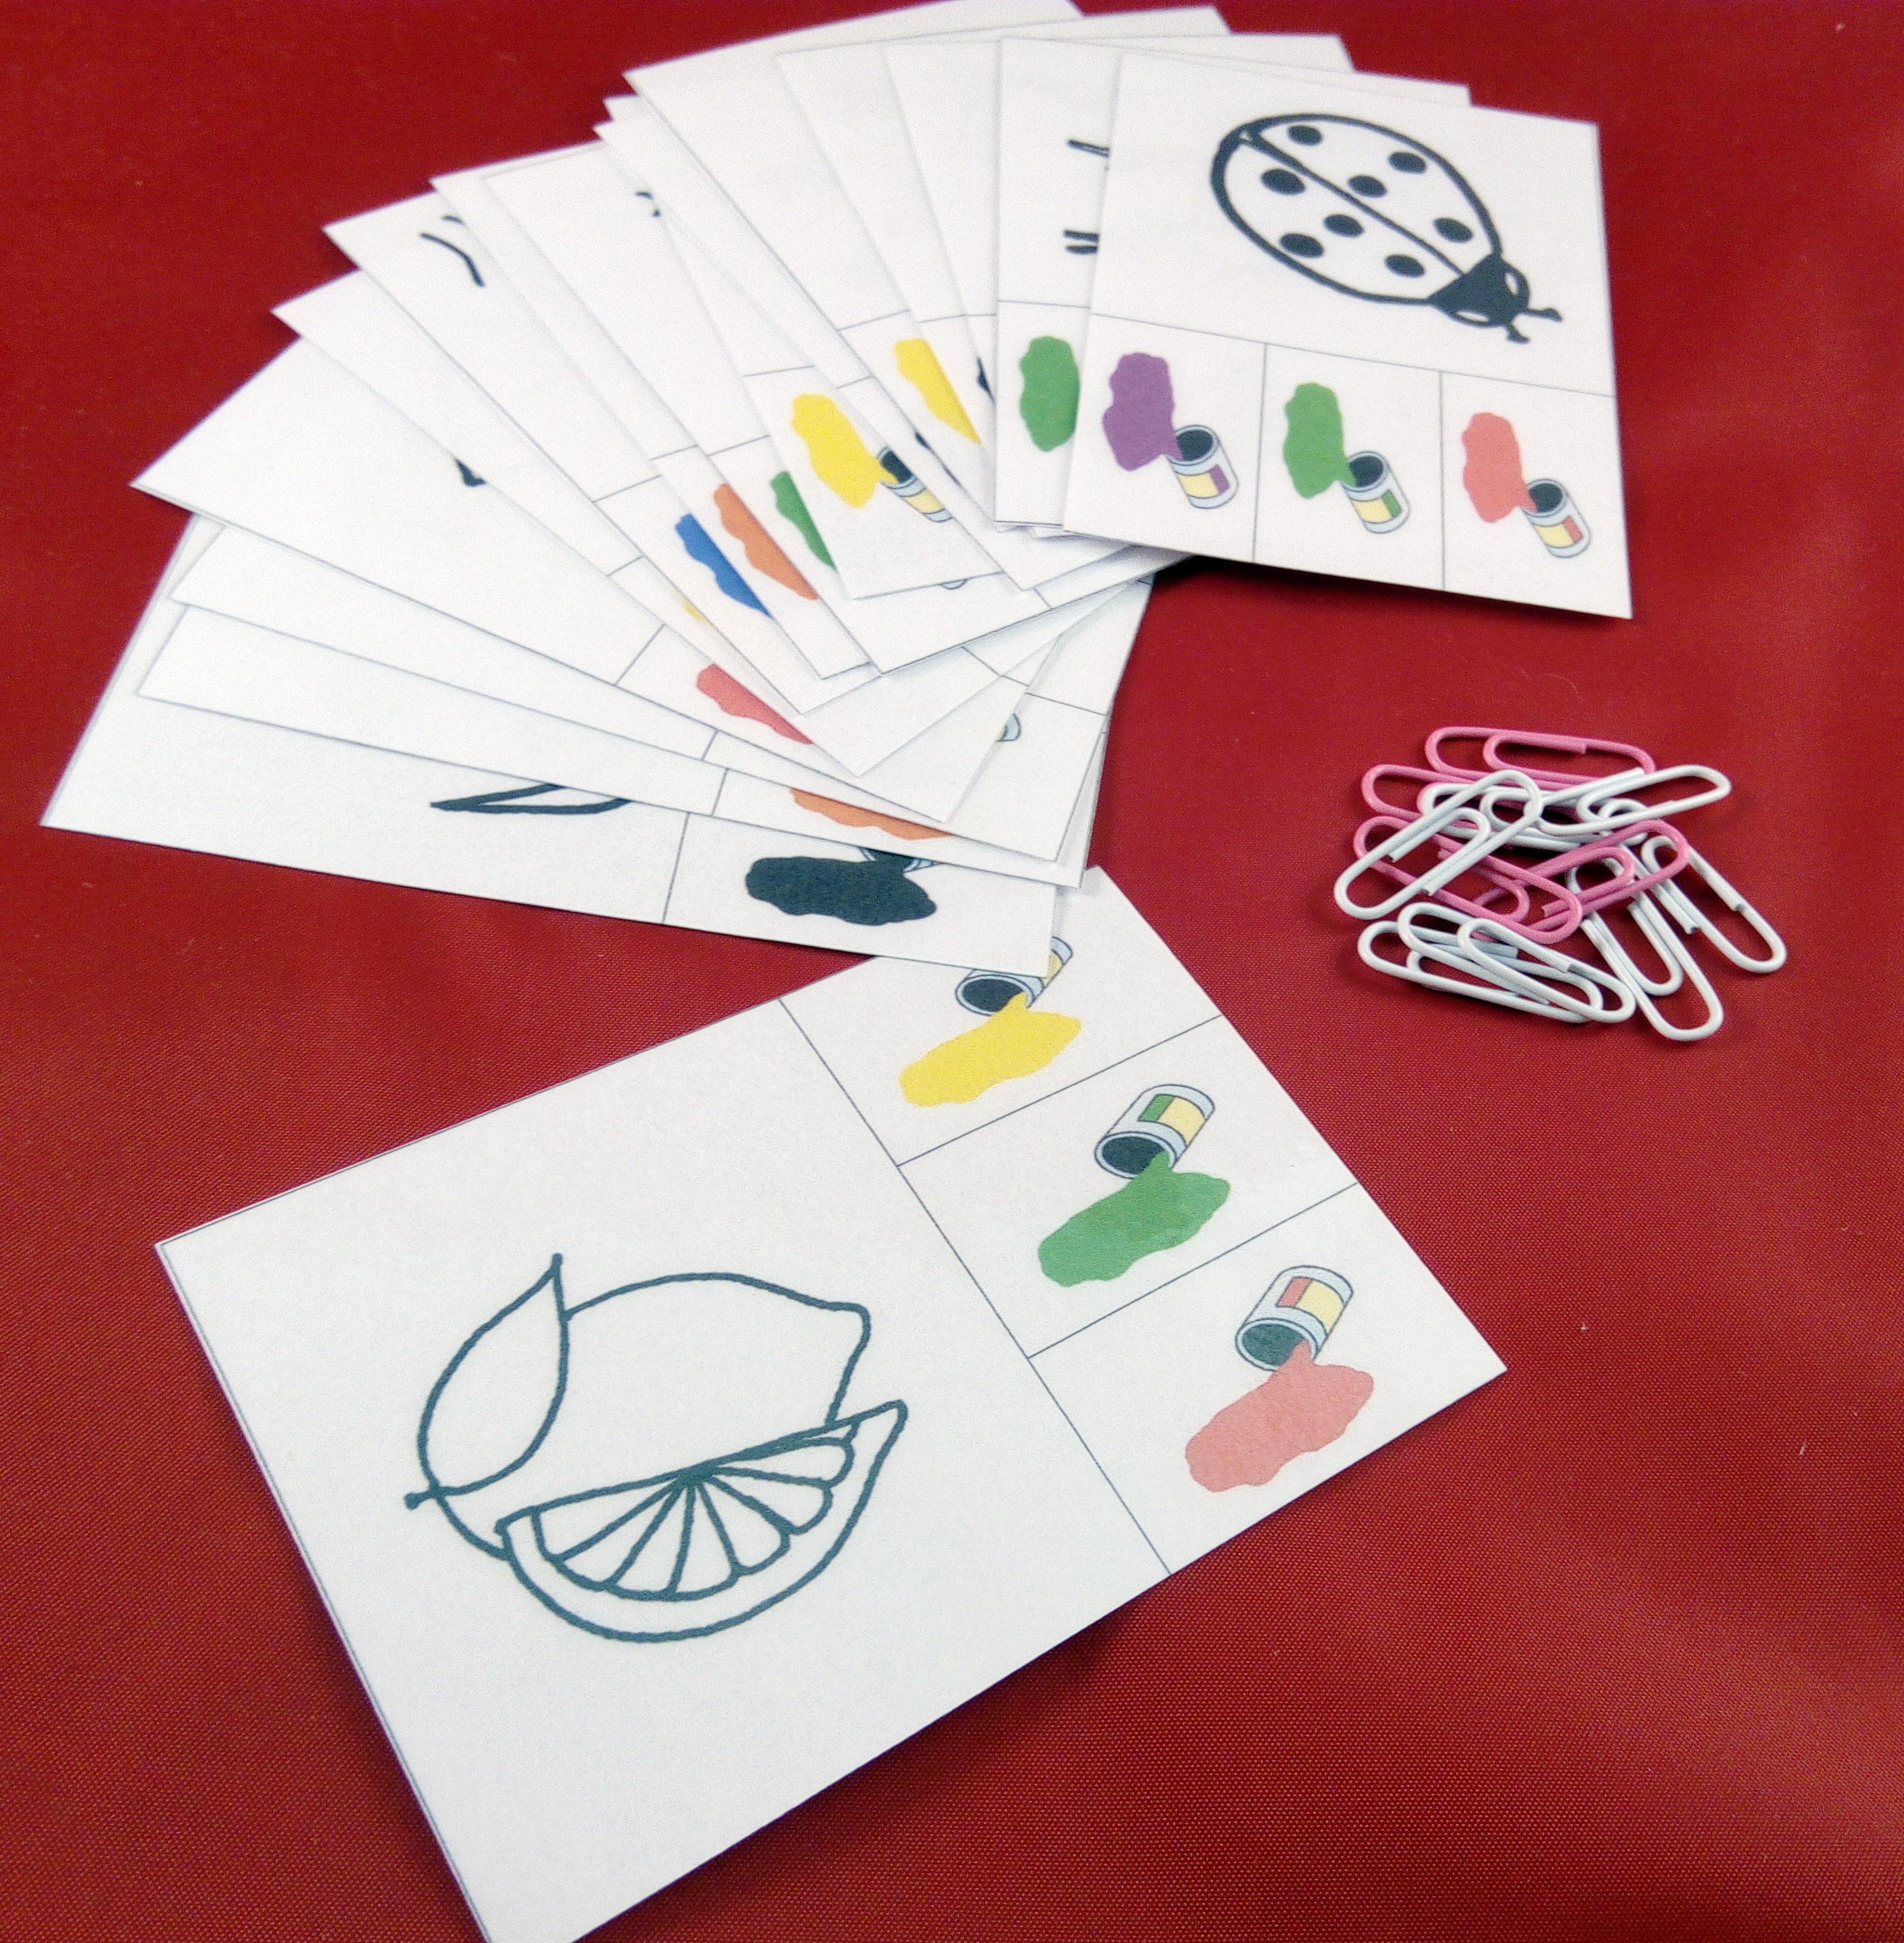 u-651-strukturovane-karty-jakou-barvu-ma-2